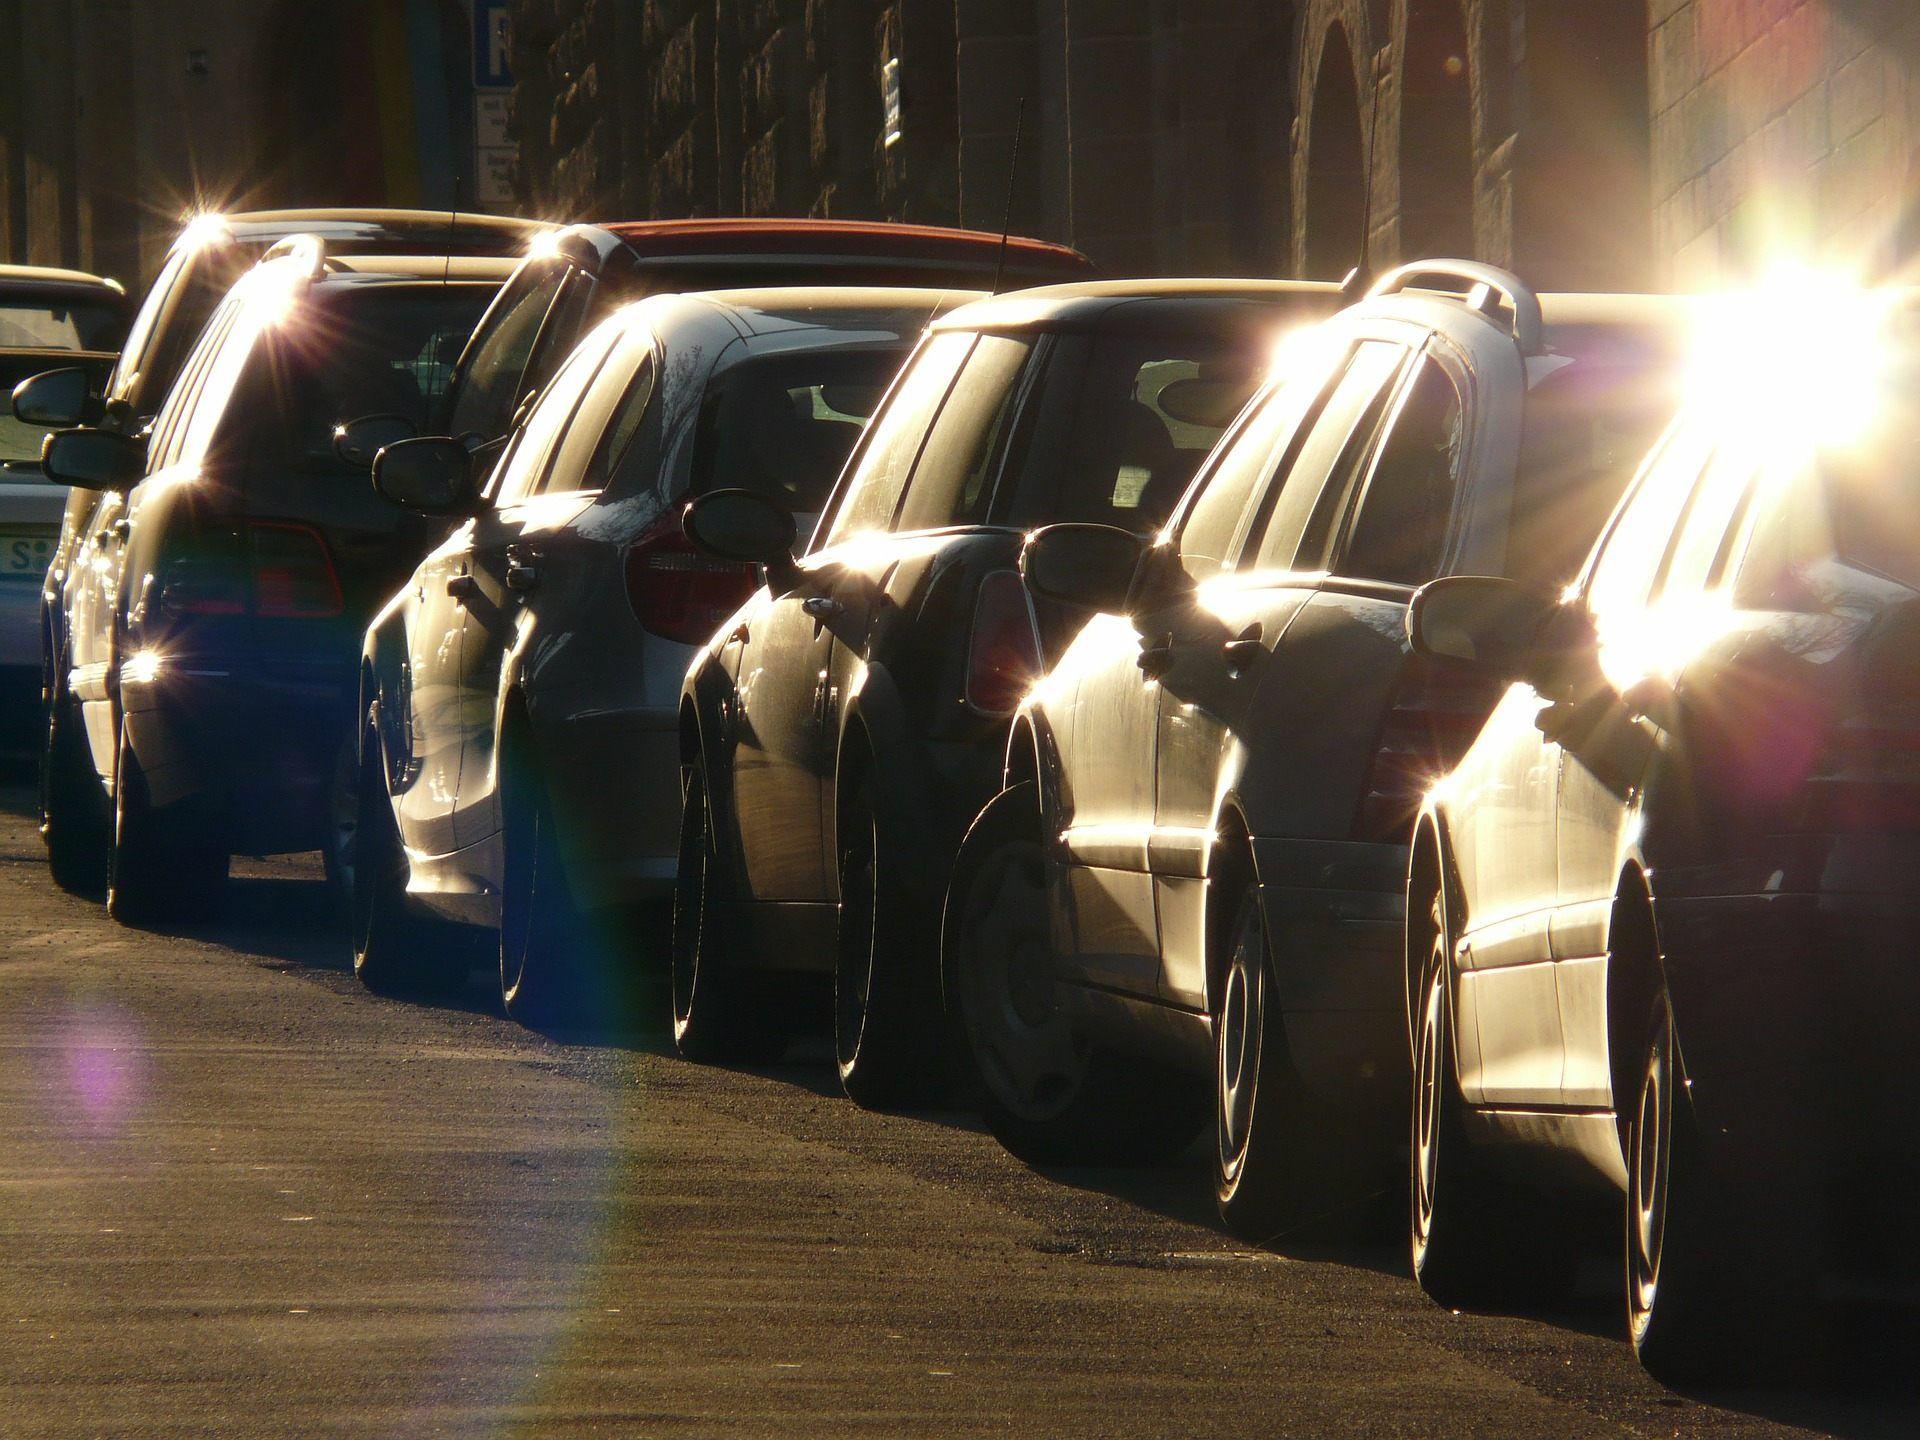 Parken Am 24 Dezember Parkschein Nicht Vergessen Parken Wien